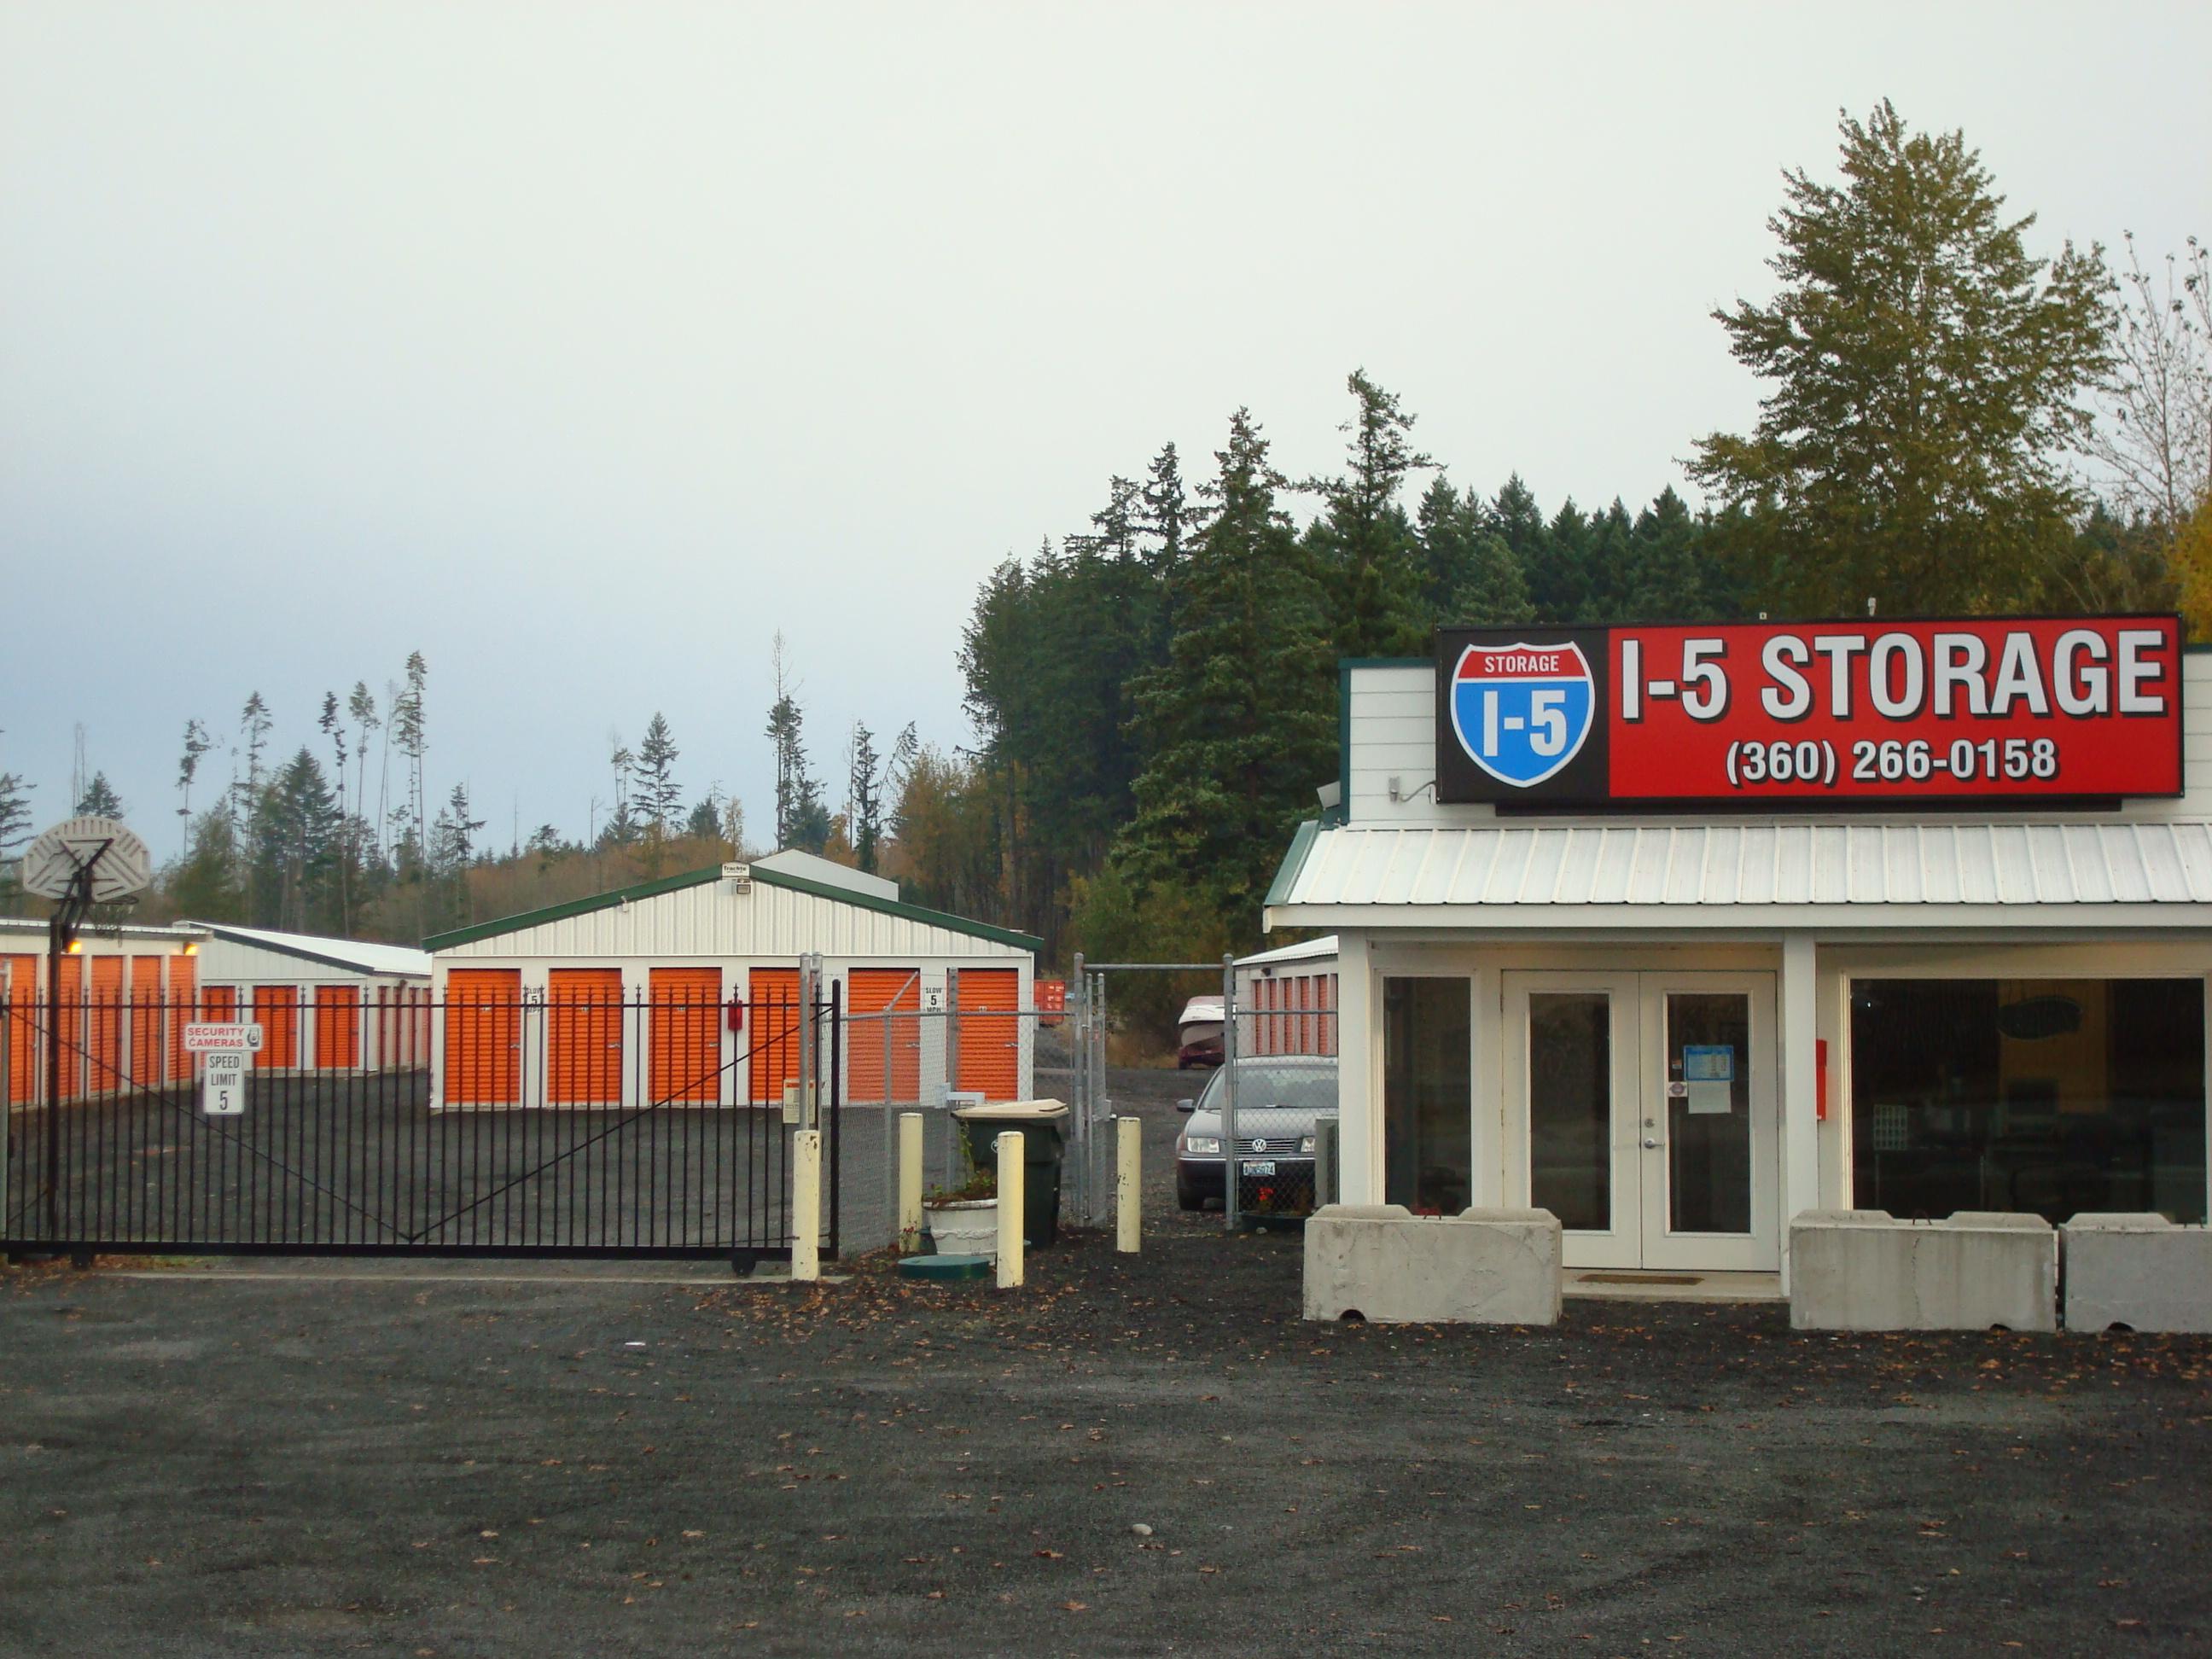 Aberdeen Nc Self Storage Amenities & Storage Units In Aberdeen - Listitdallas